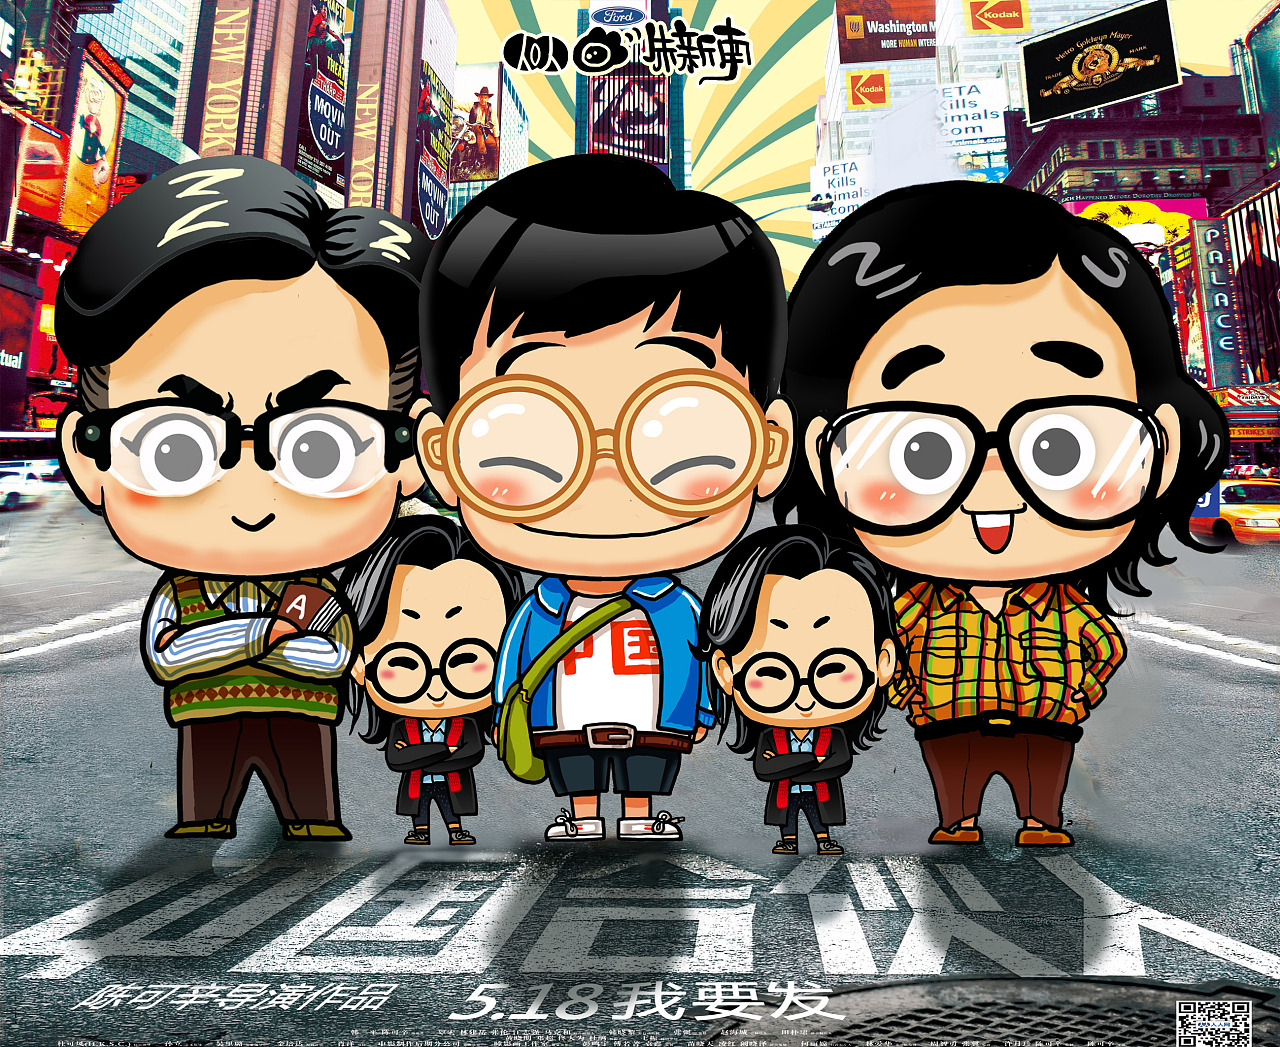 给中国合伙人做的网络宣传|影视|其他影视|漫画猫朱新南 - 原创作品 - 站酷 (ZCOOL)